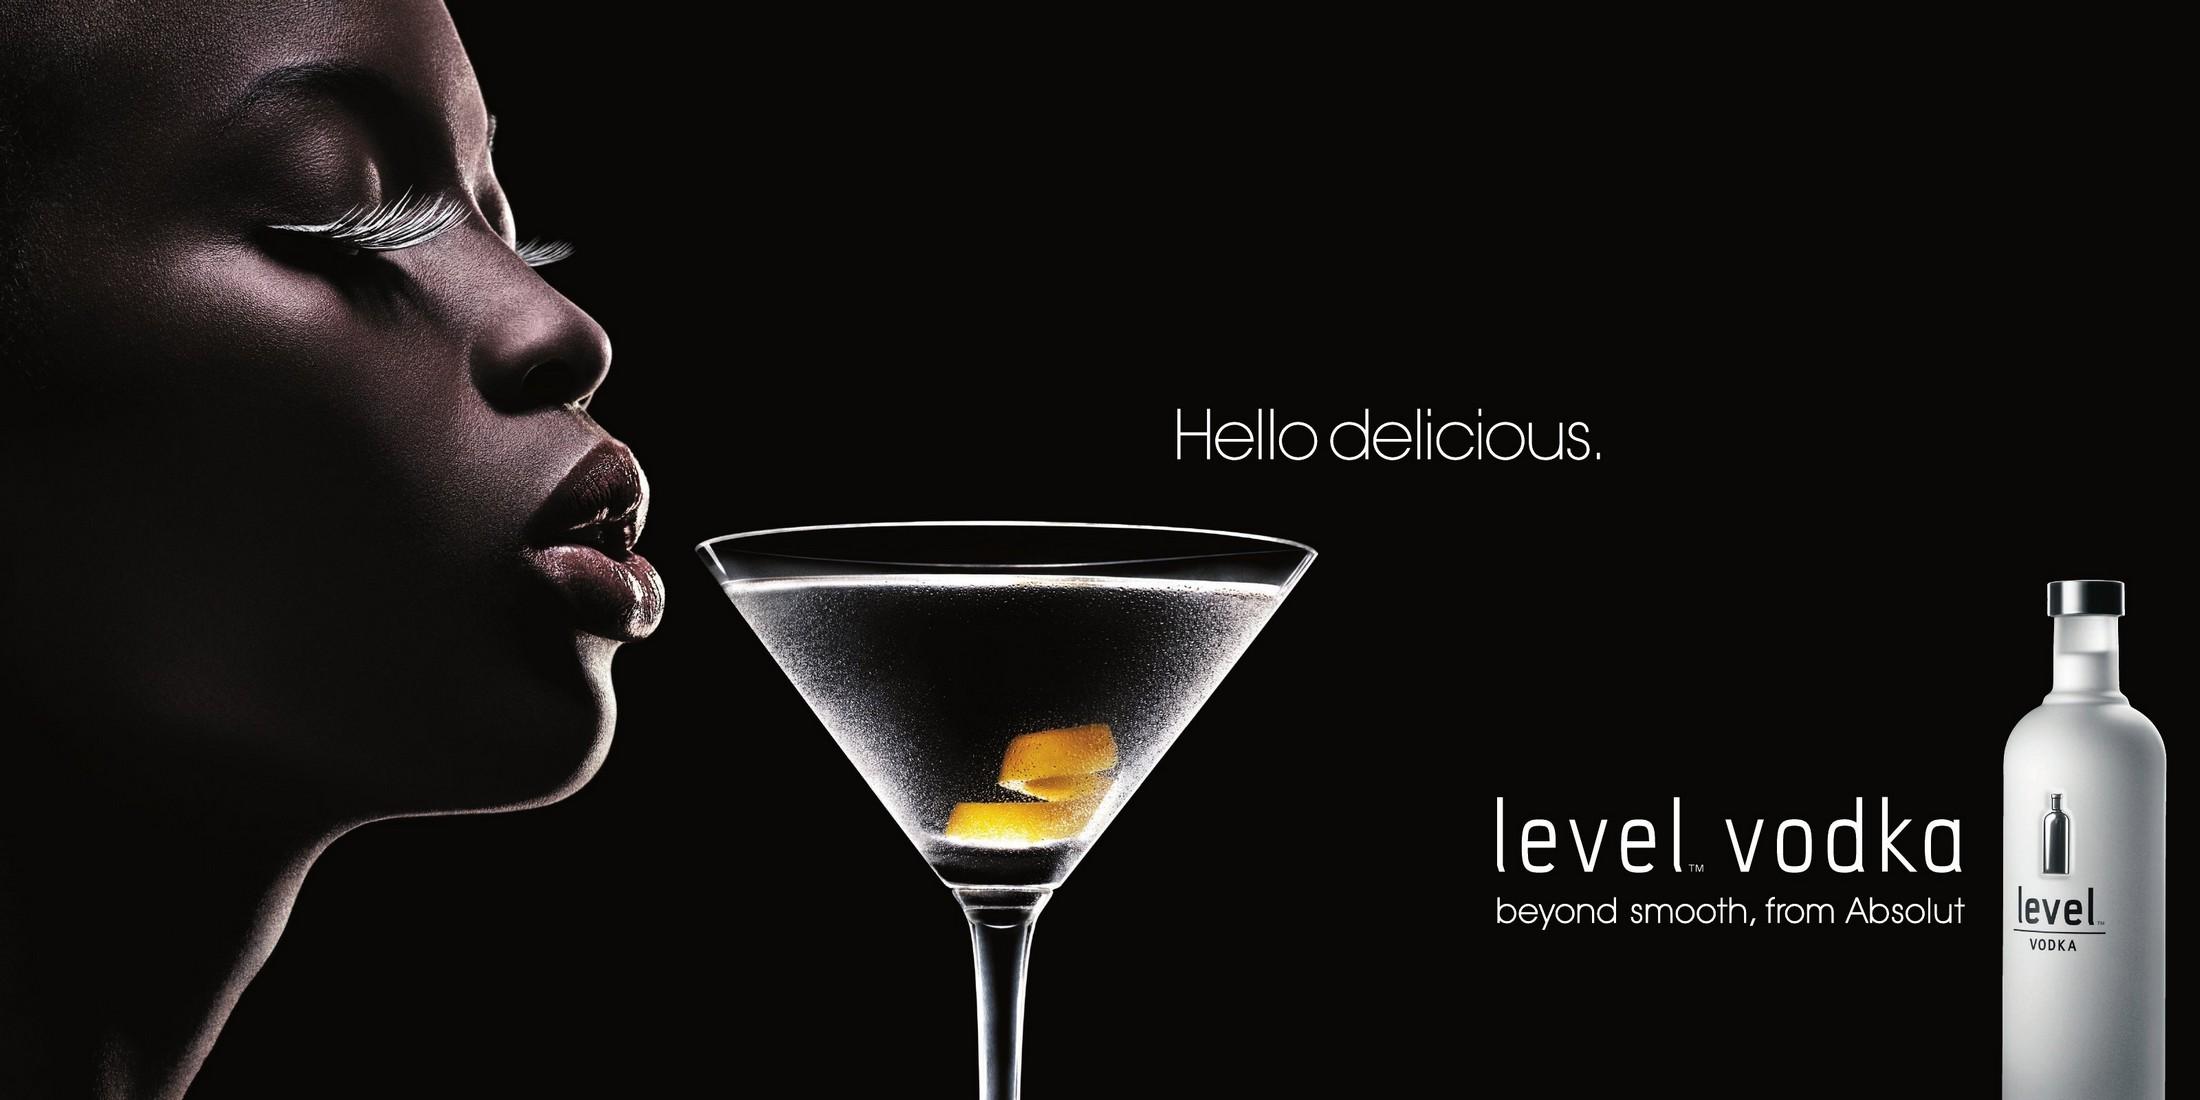 Level vodka